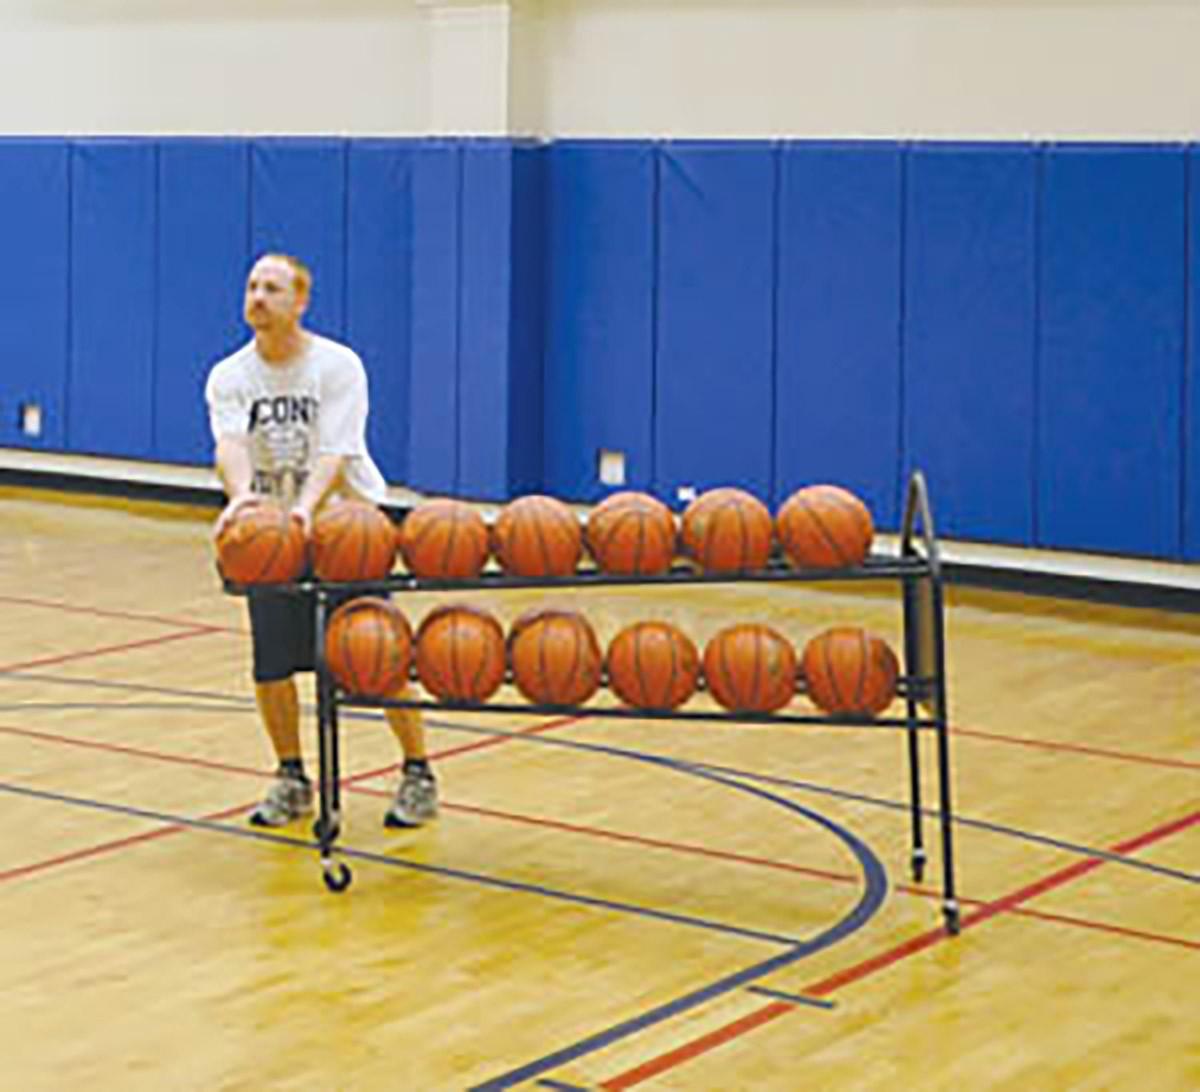 Jaypro Dtbr 19 Deluxe Basketball Training Ball Rack